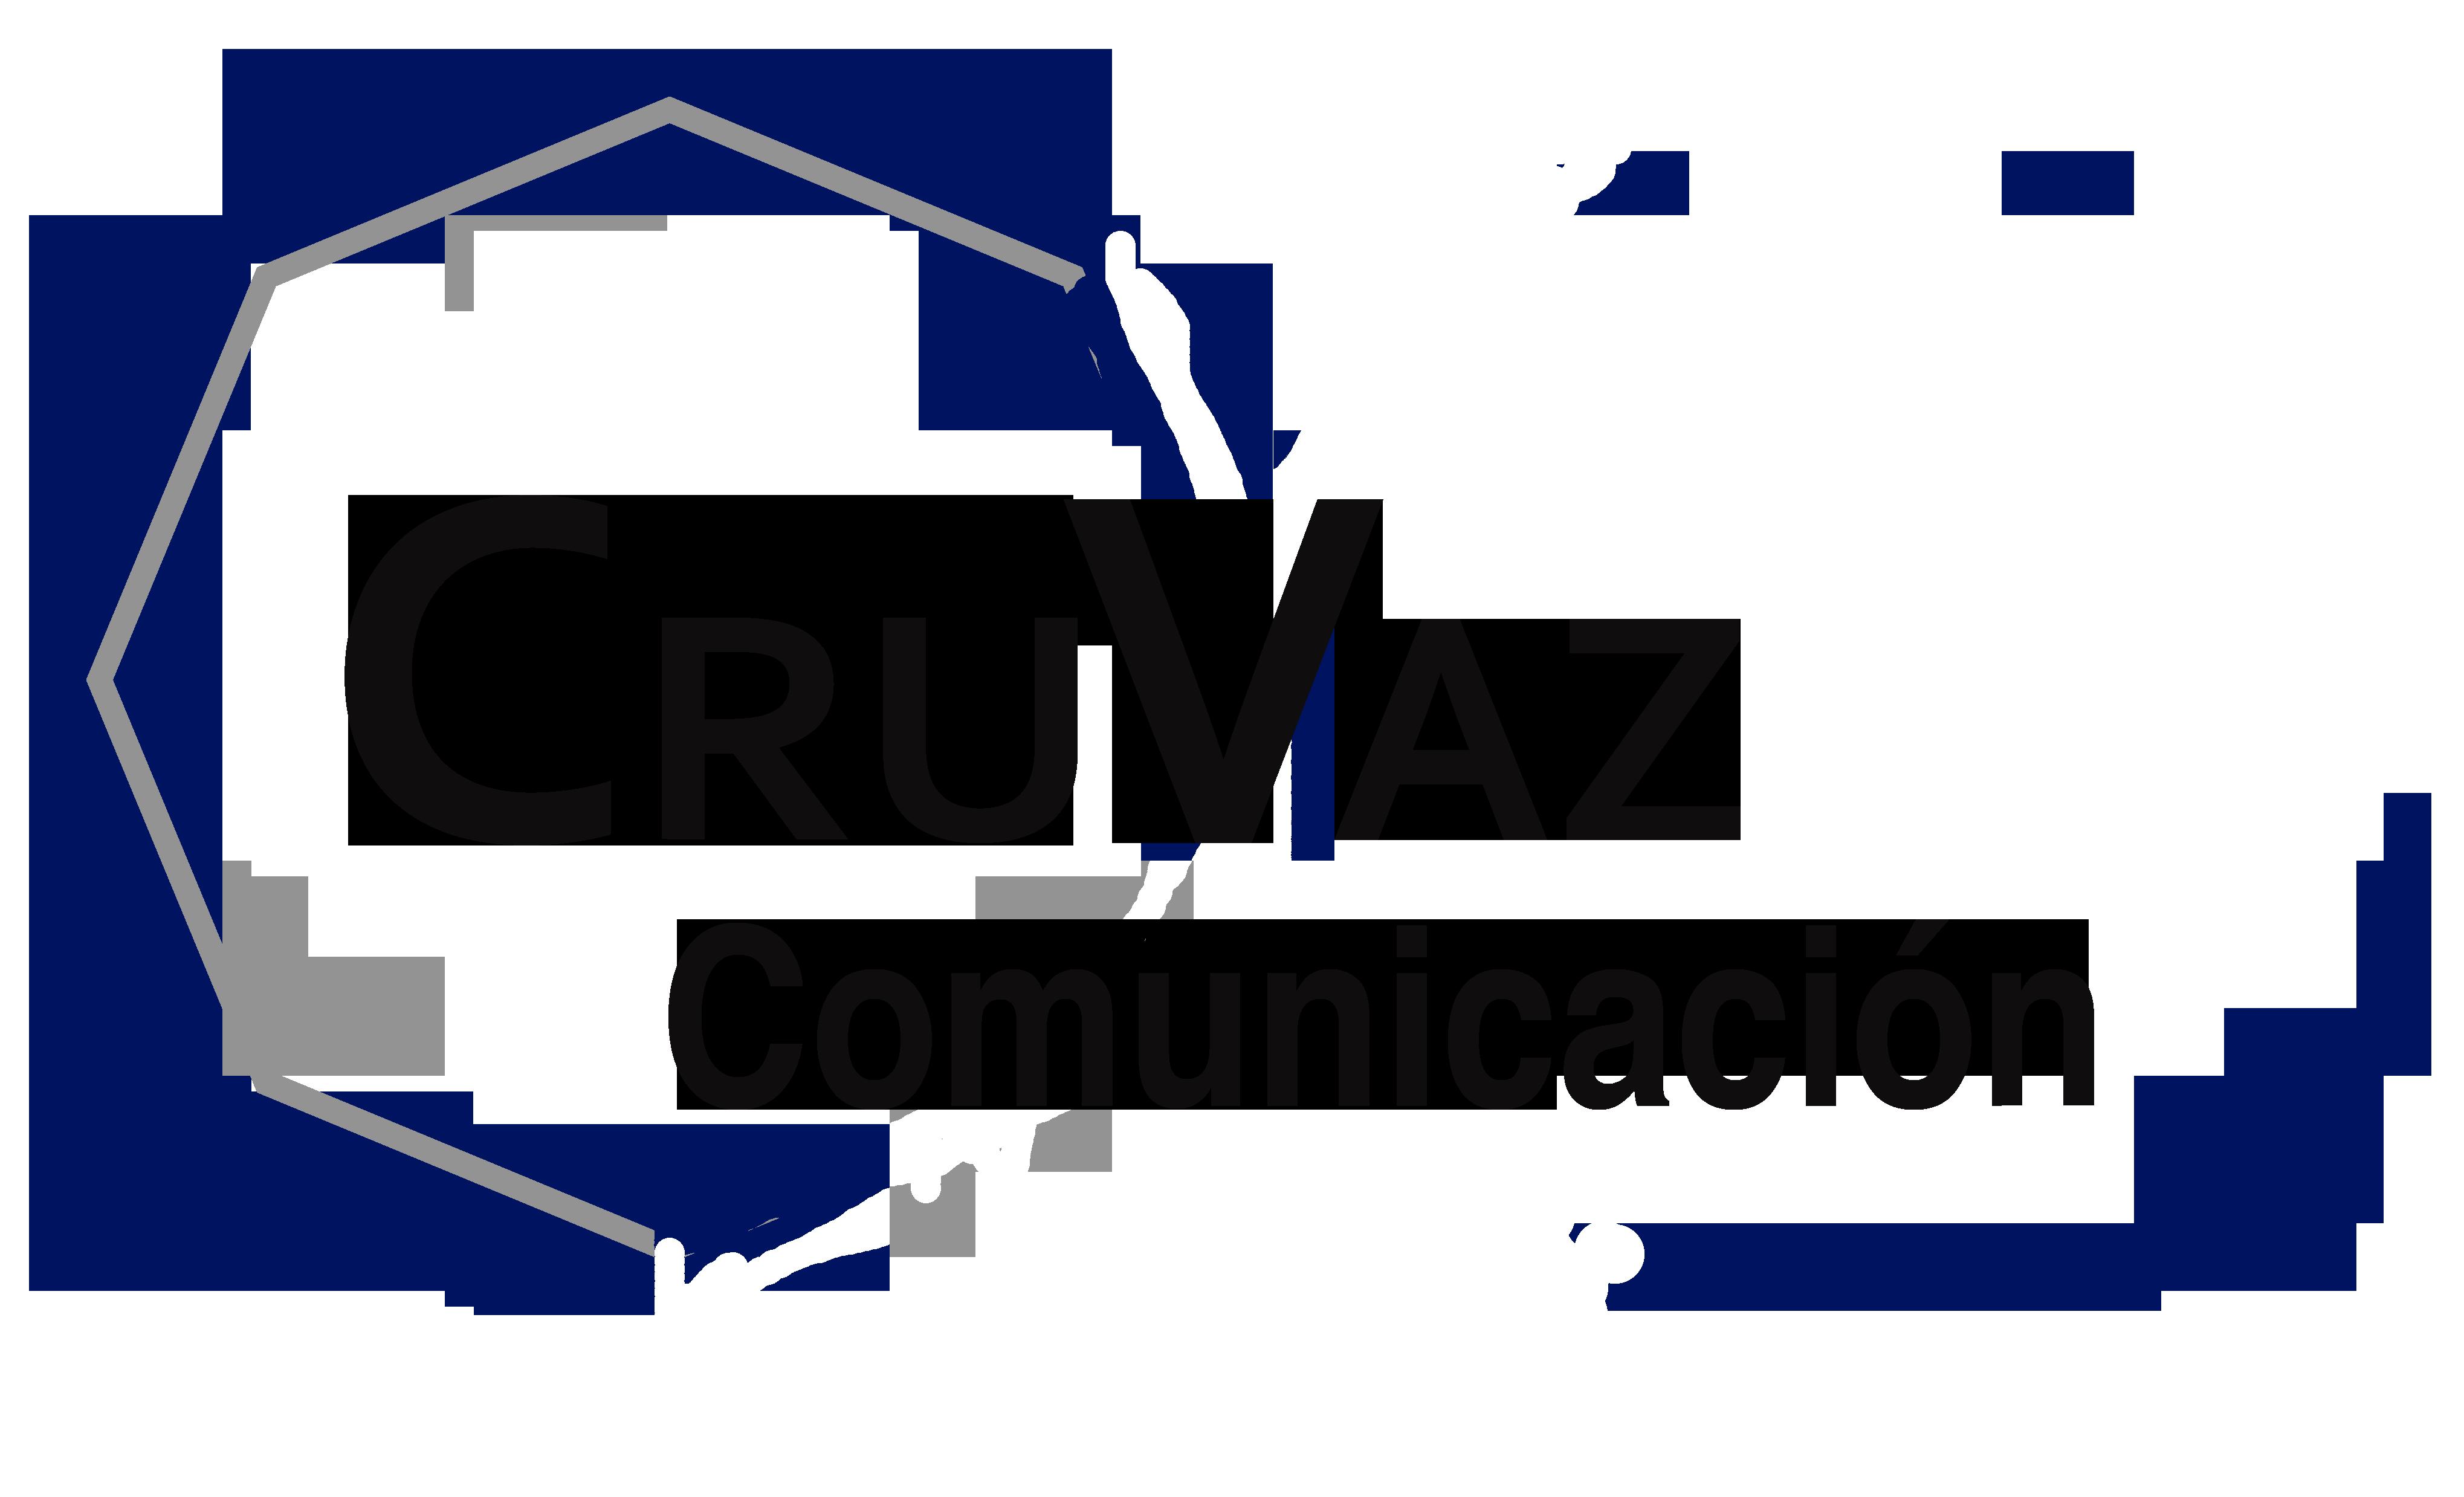 CruVaz Comunicación